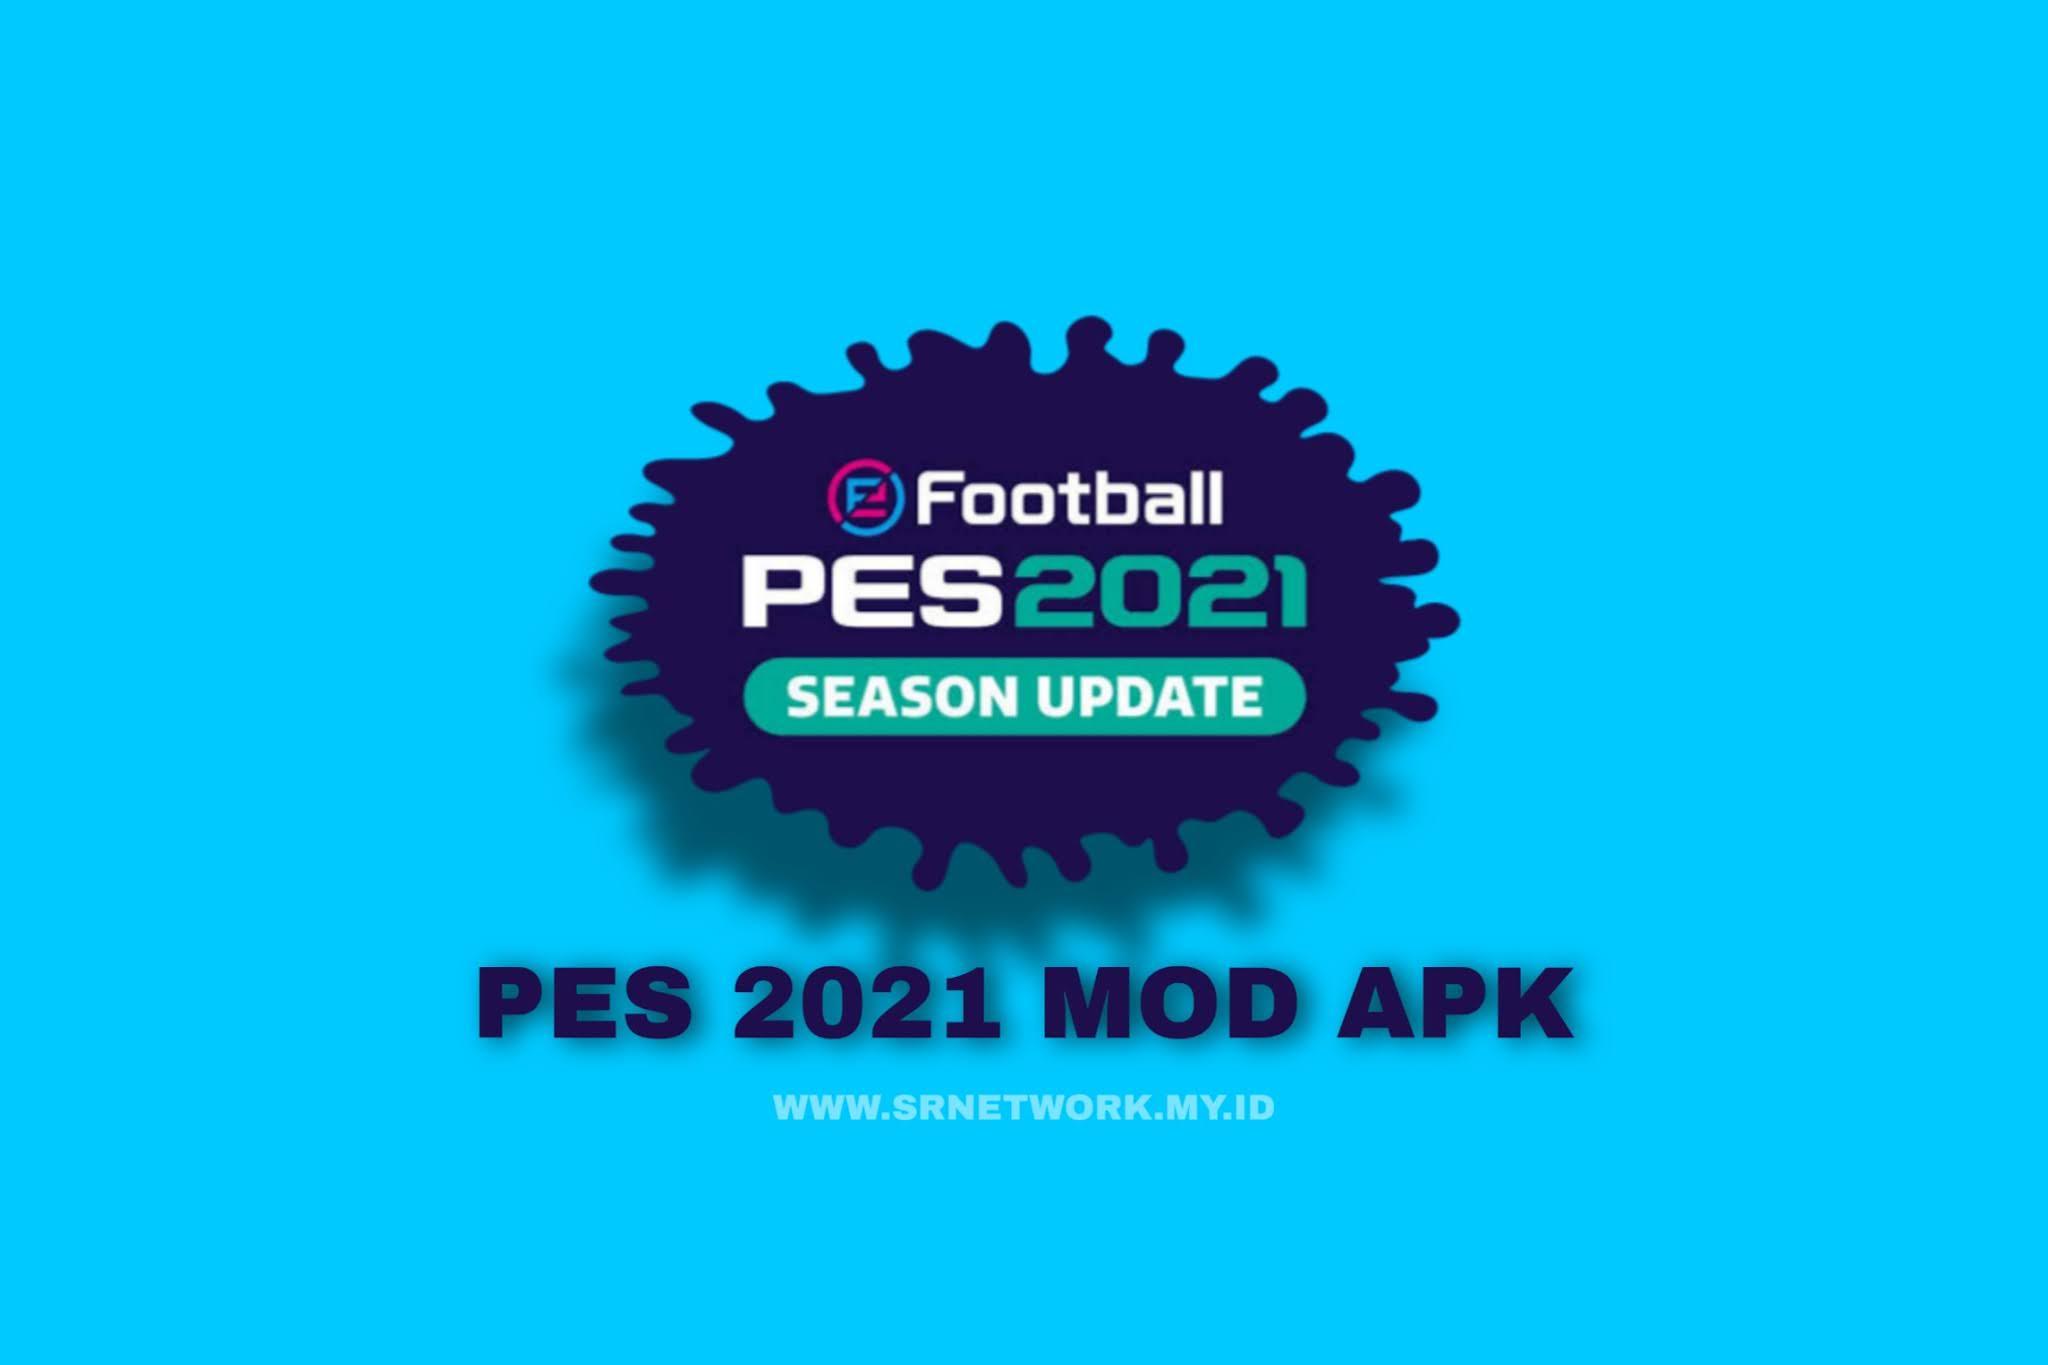 Download e-Football PES 2021 mod apk